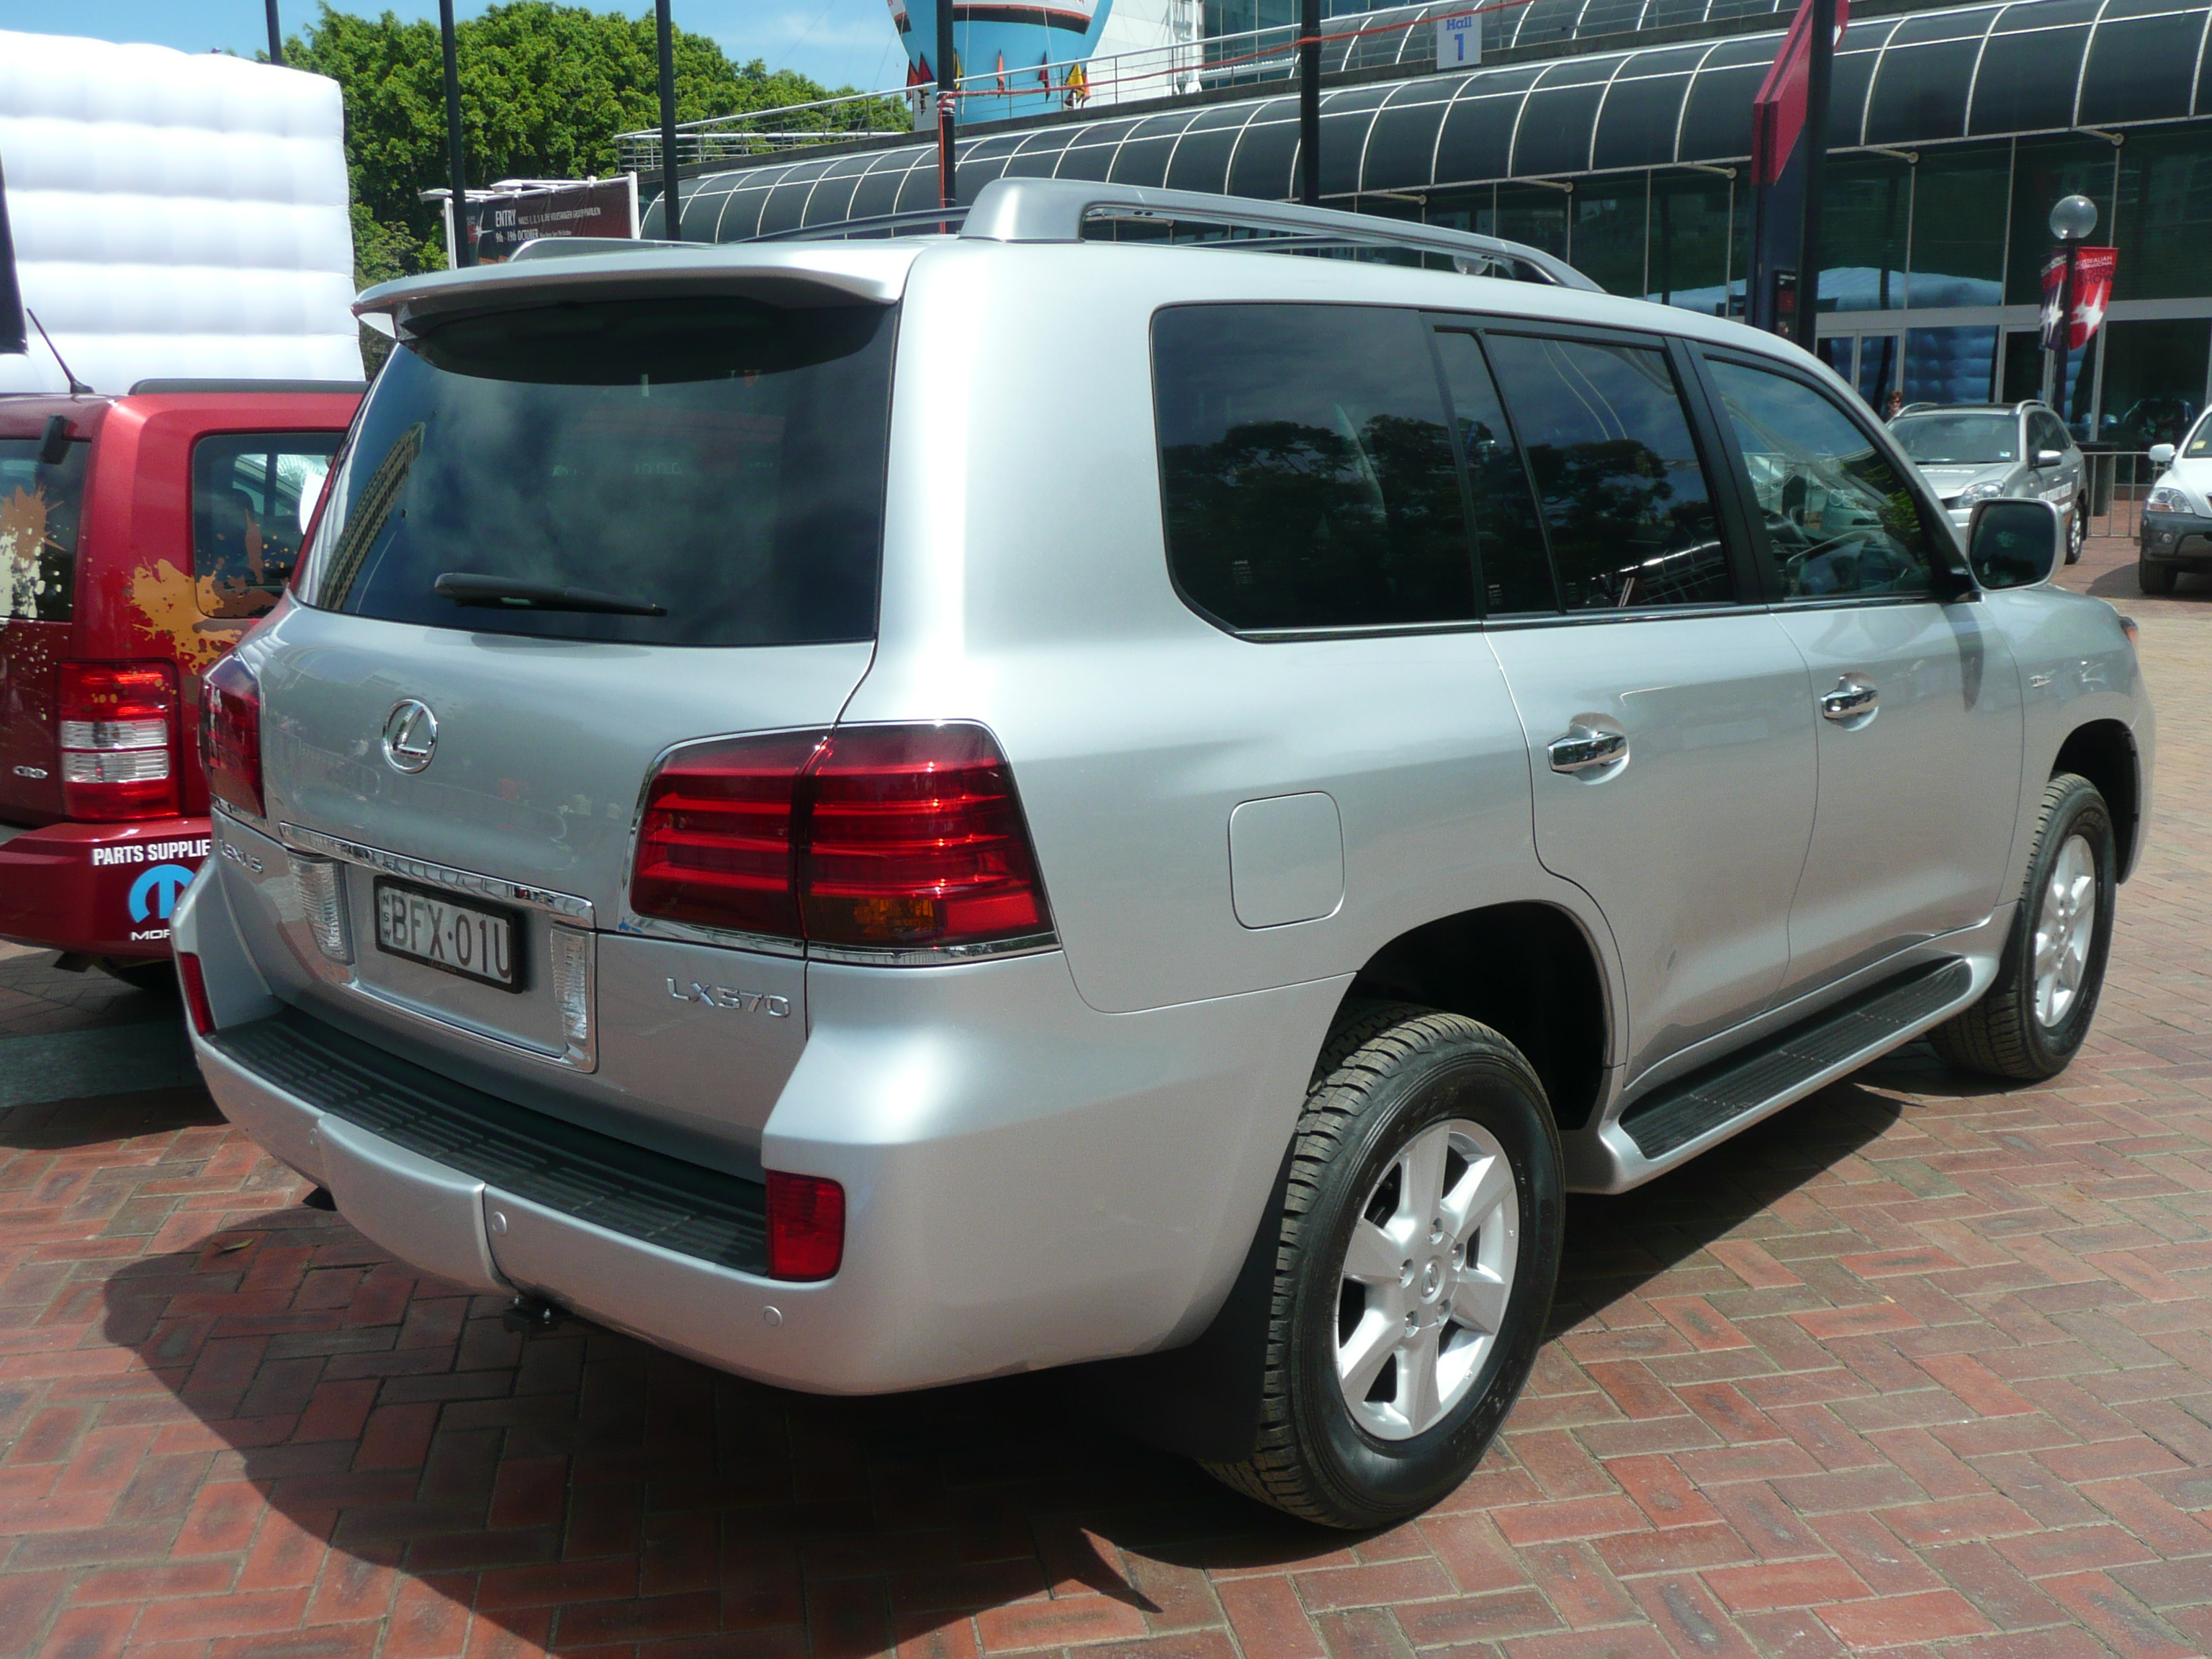 https://upload.wikimedia.org/wikipedia/commons/9/96/2008_Lexus_LX_570_%28URJ201R%29_Prestige_wagon_07.jpg